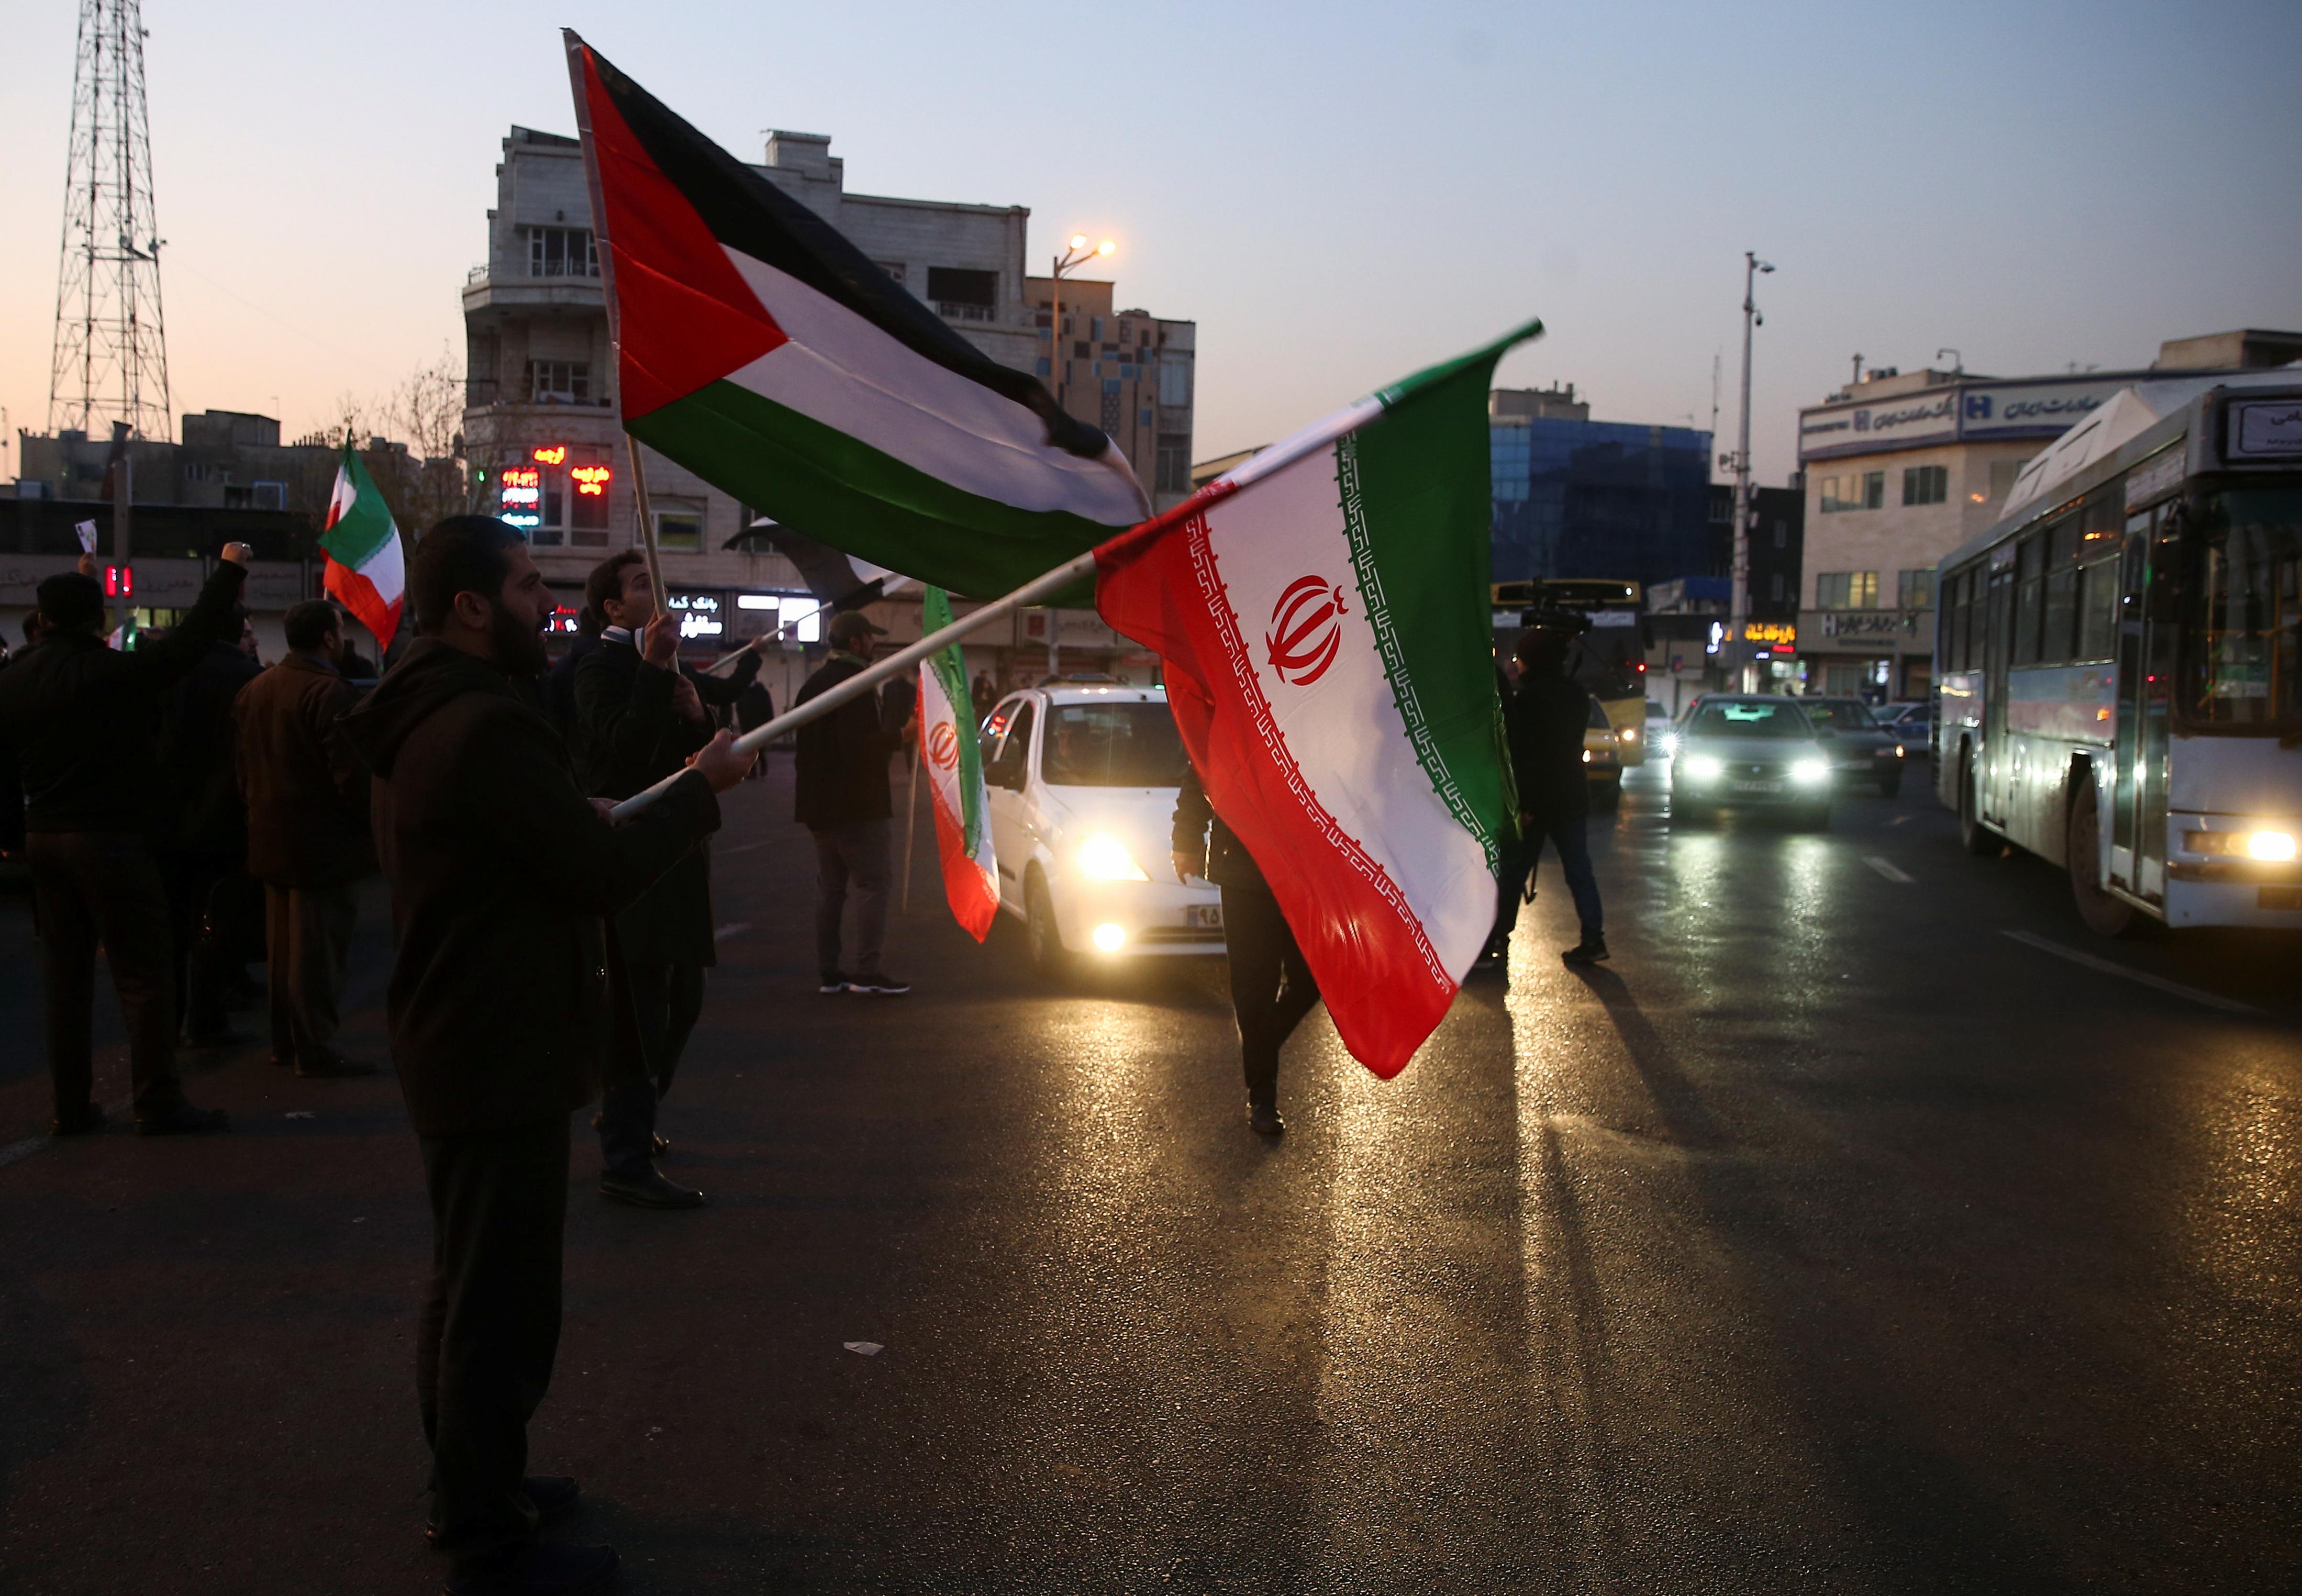 Ιράν, ΗΠΑ: Γιατί η Τεχεράνη επιτέθηκε στις αμερικανικές βάσεις στο Ιράκ